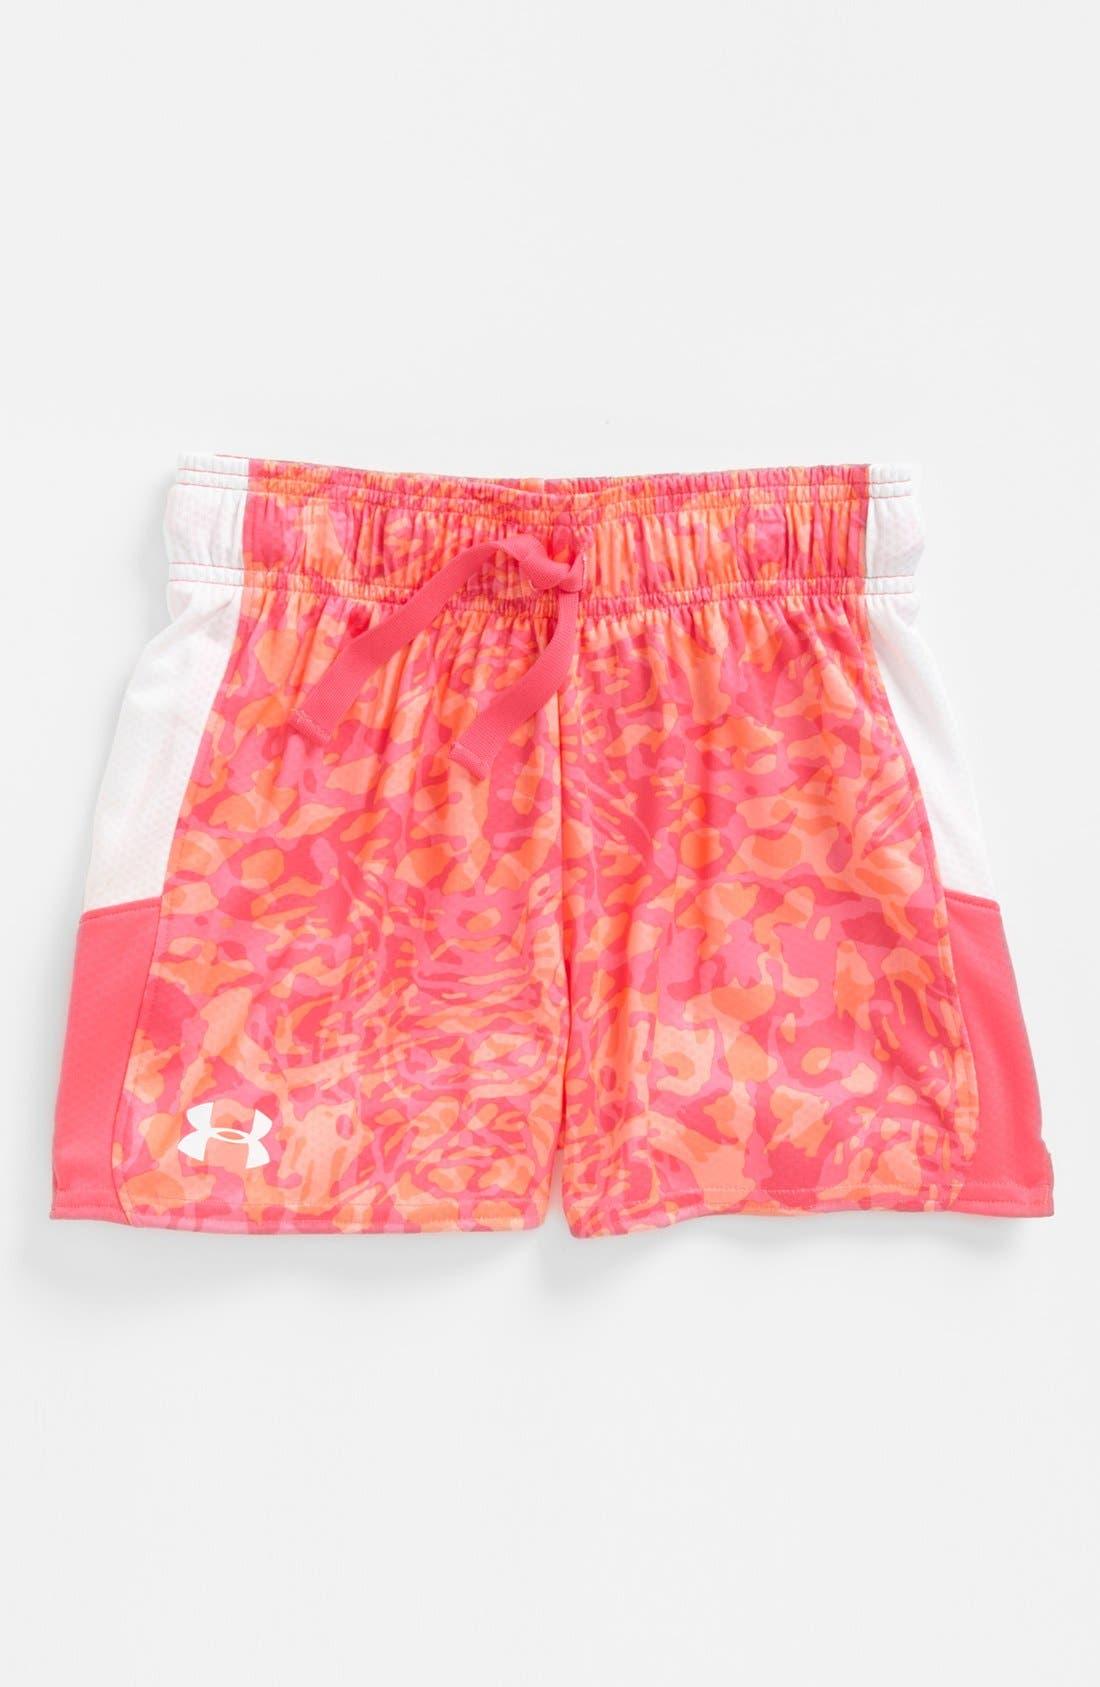 Main Image - Under Armour 'Intensity' HeatGear® Shorts (Little Girls & Big Girls)